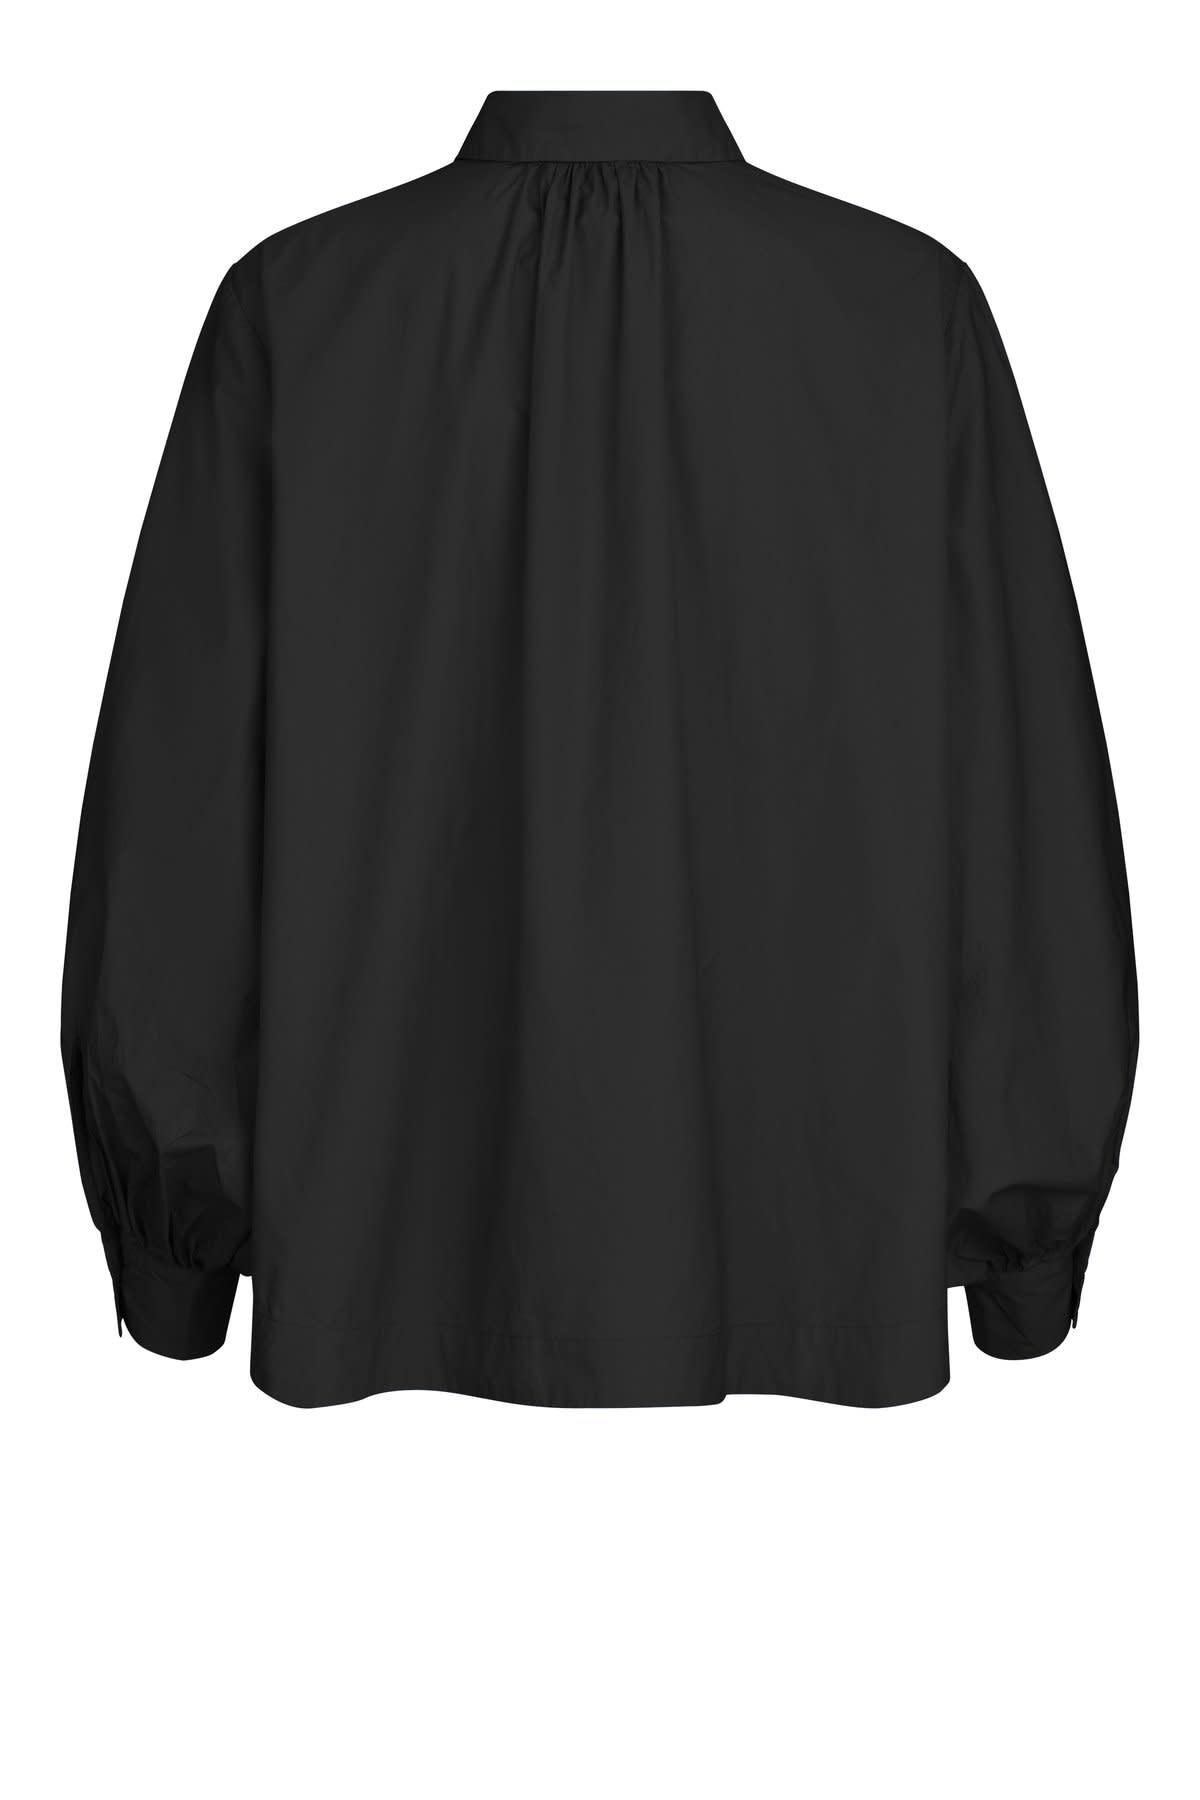 Totema New shirt black-2